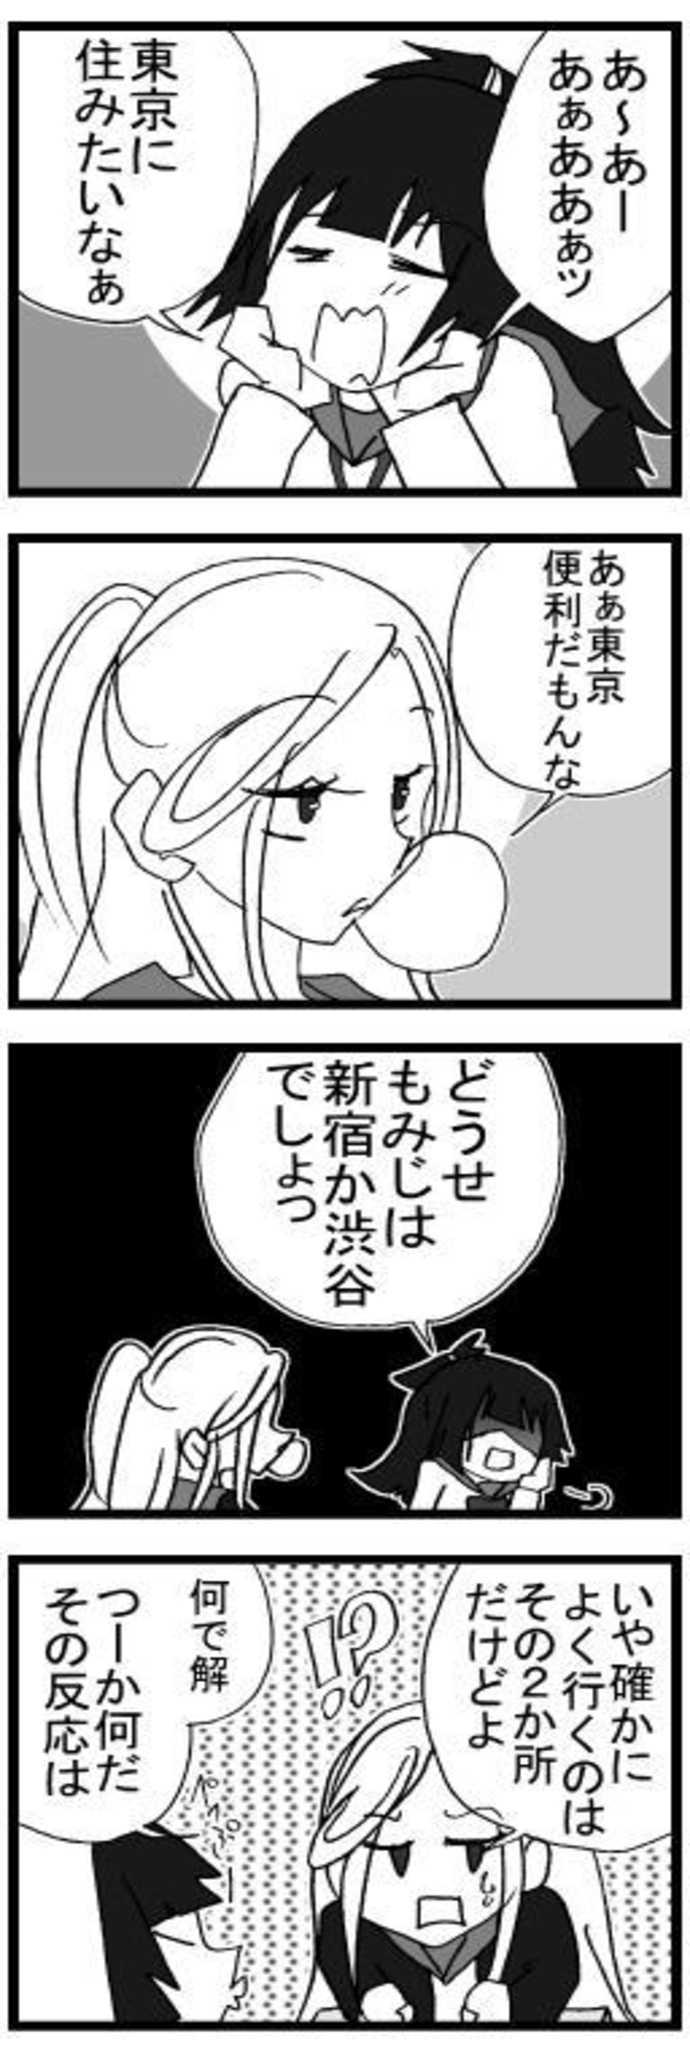 オマケ漫画「結局もみじは」